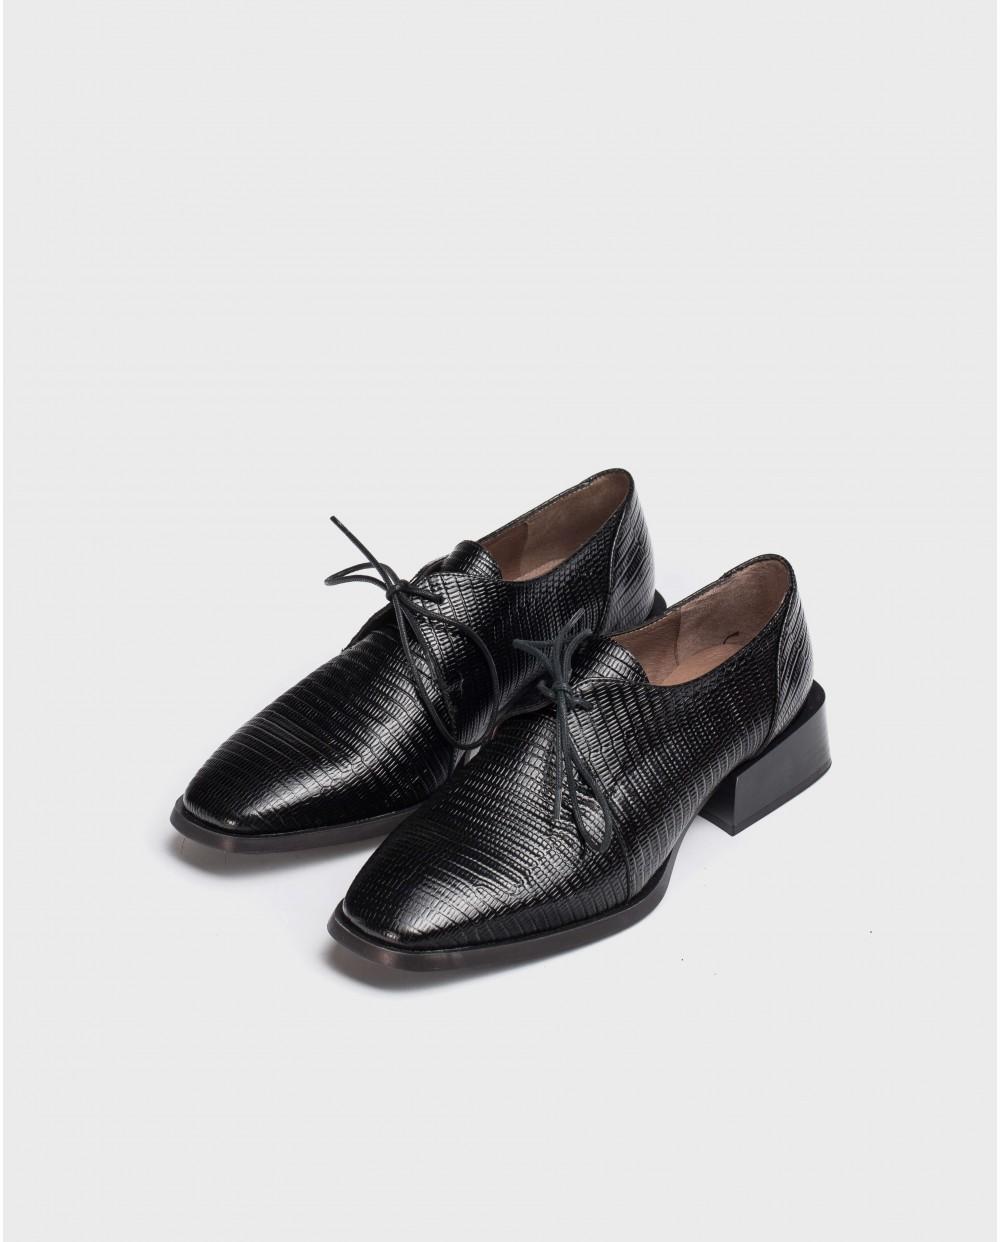 Wonders-Flat Shoes-Black Lace Blucher